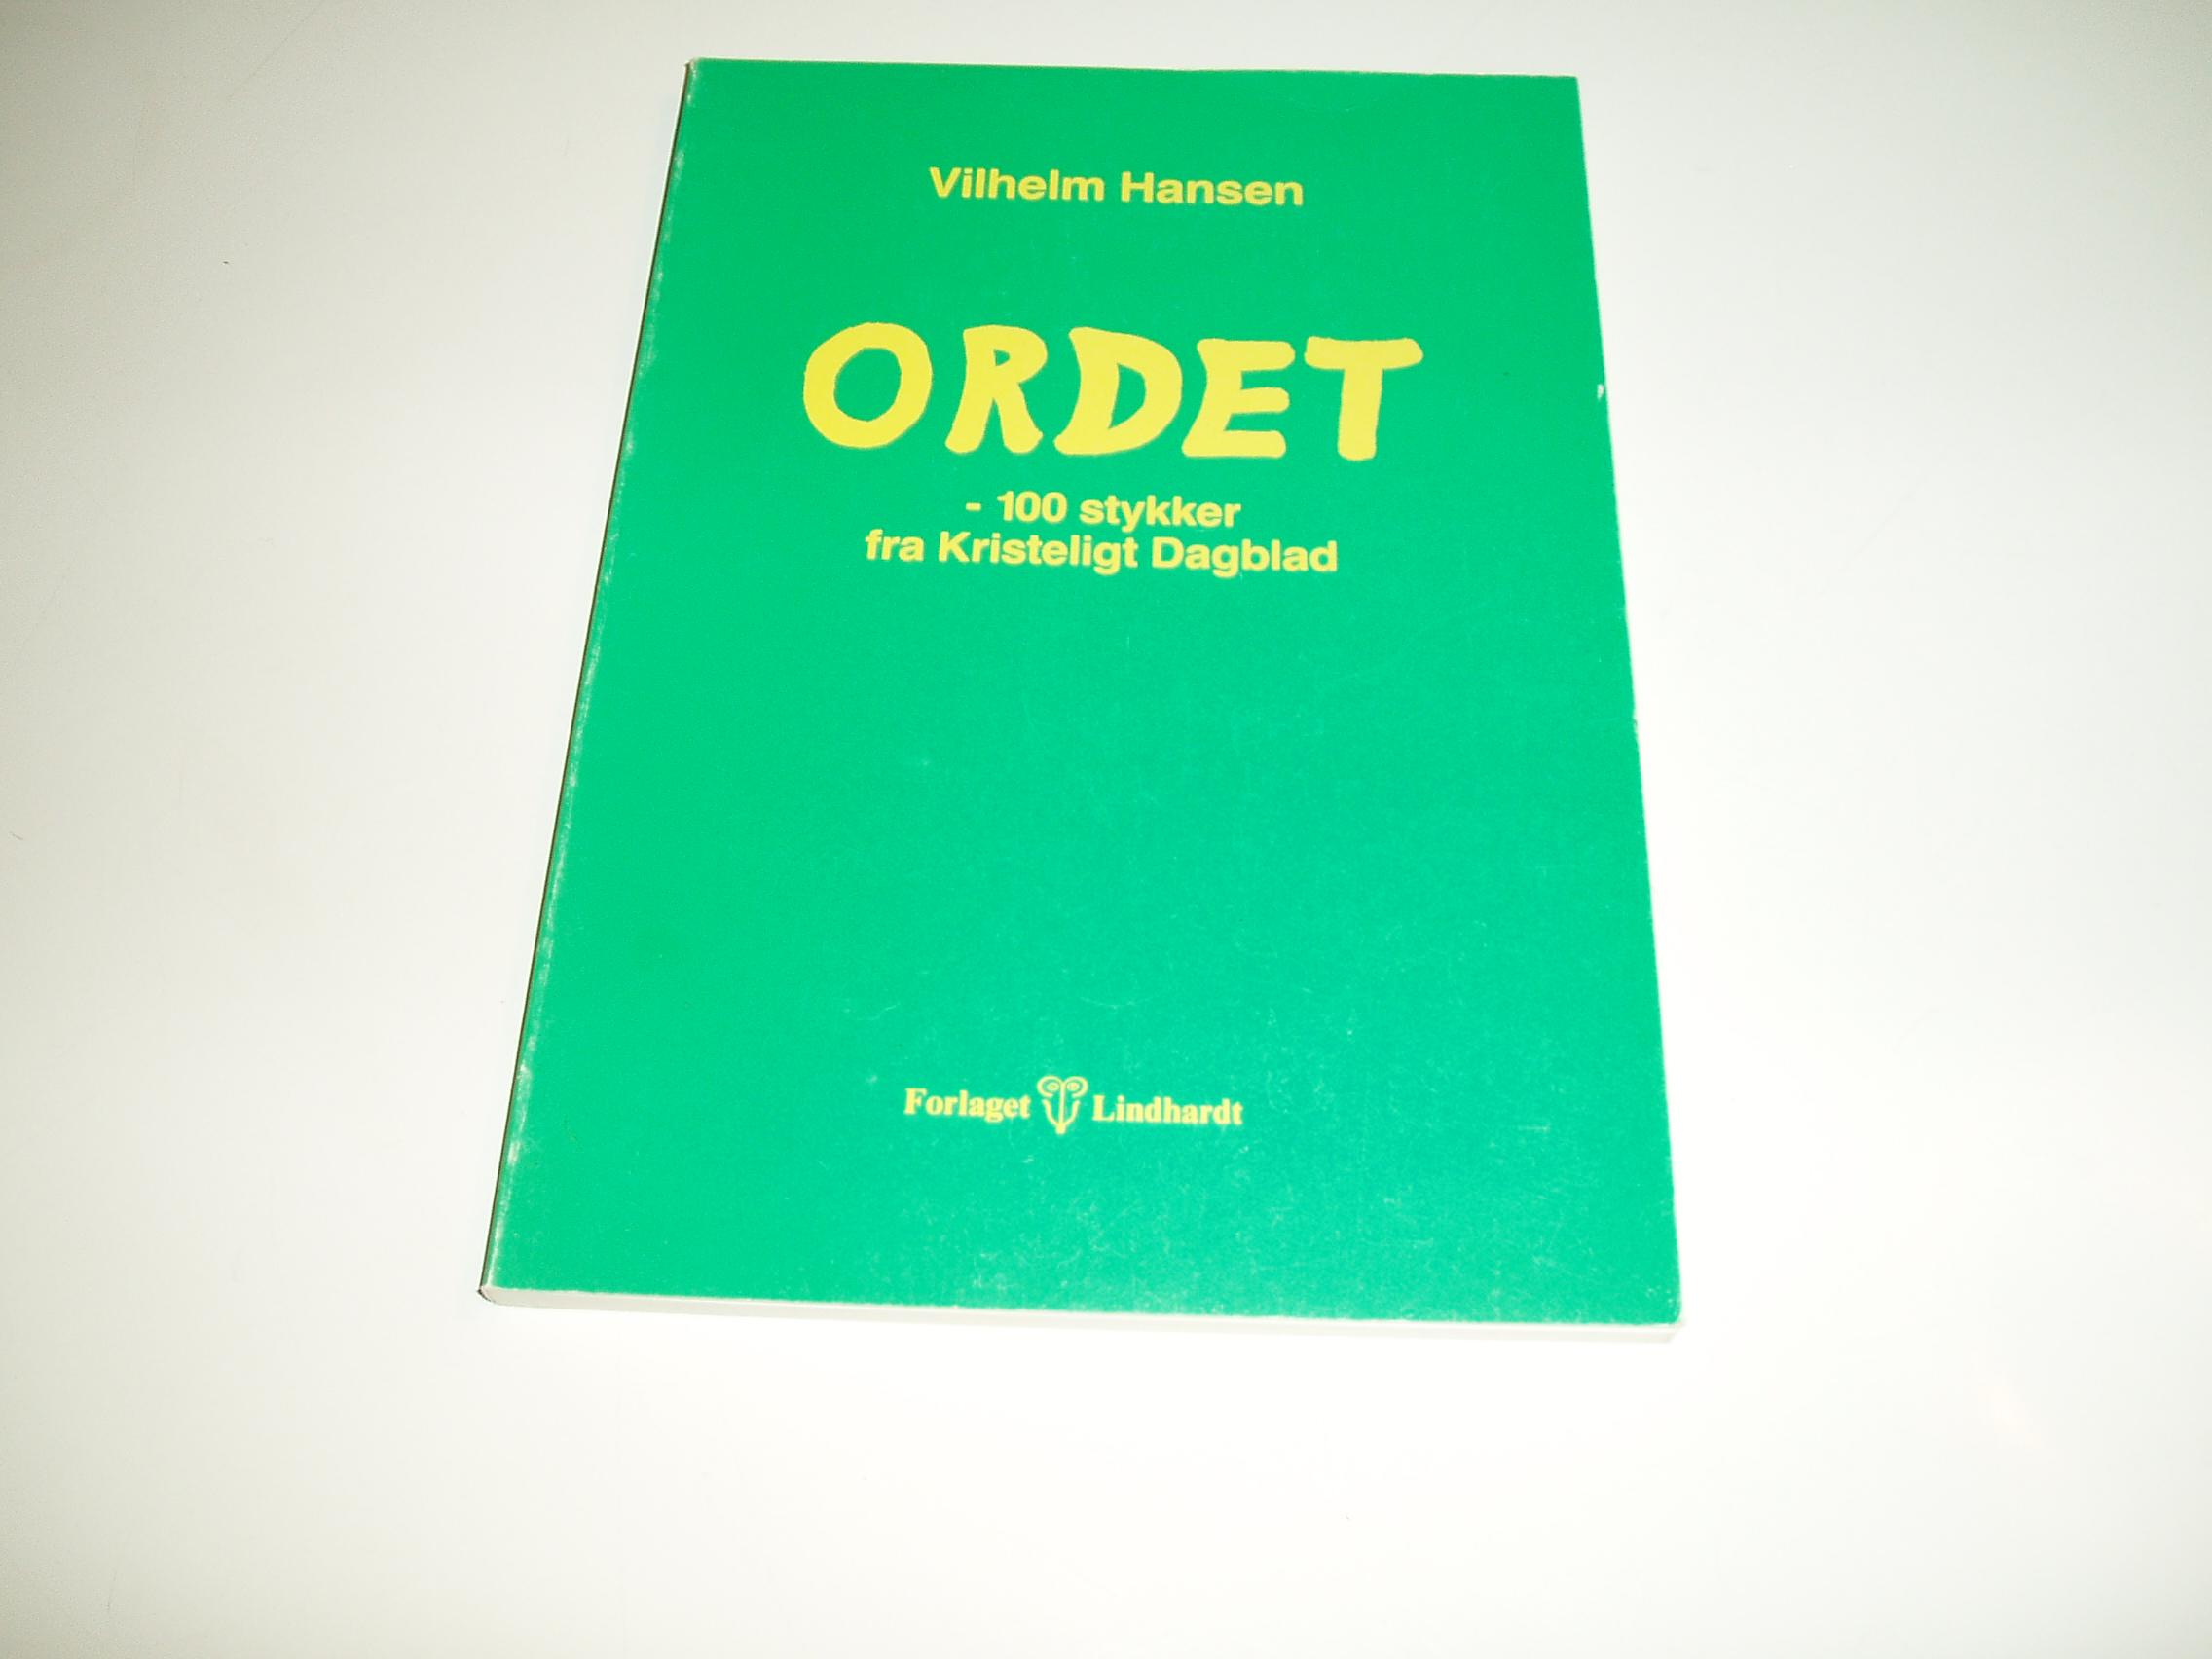 Ordet - 100 stykker fra Kristeligt Dagblad